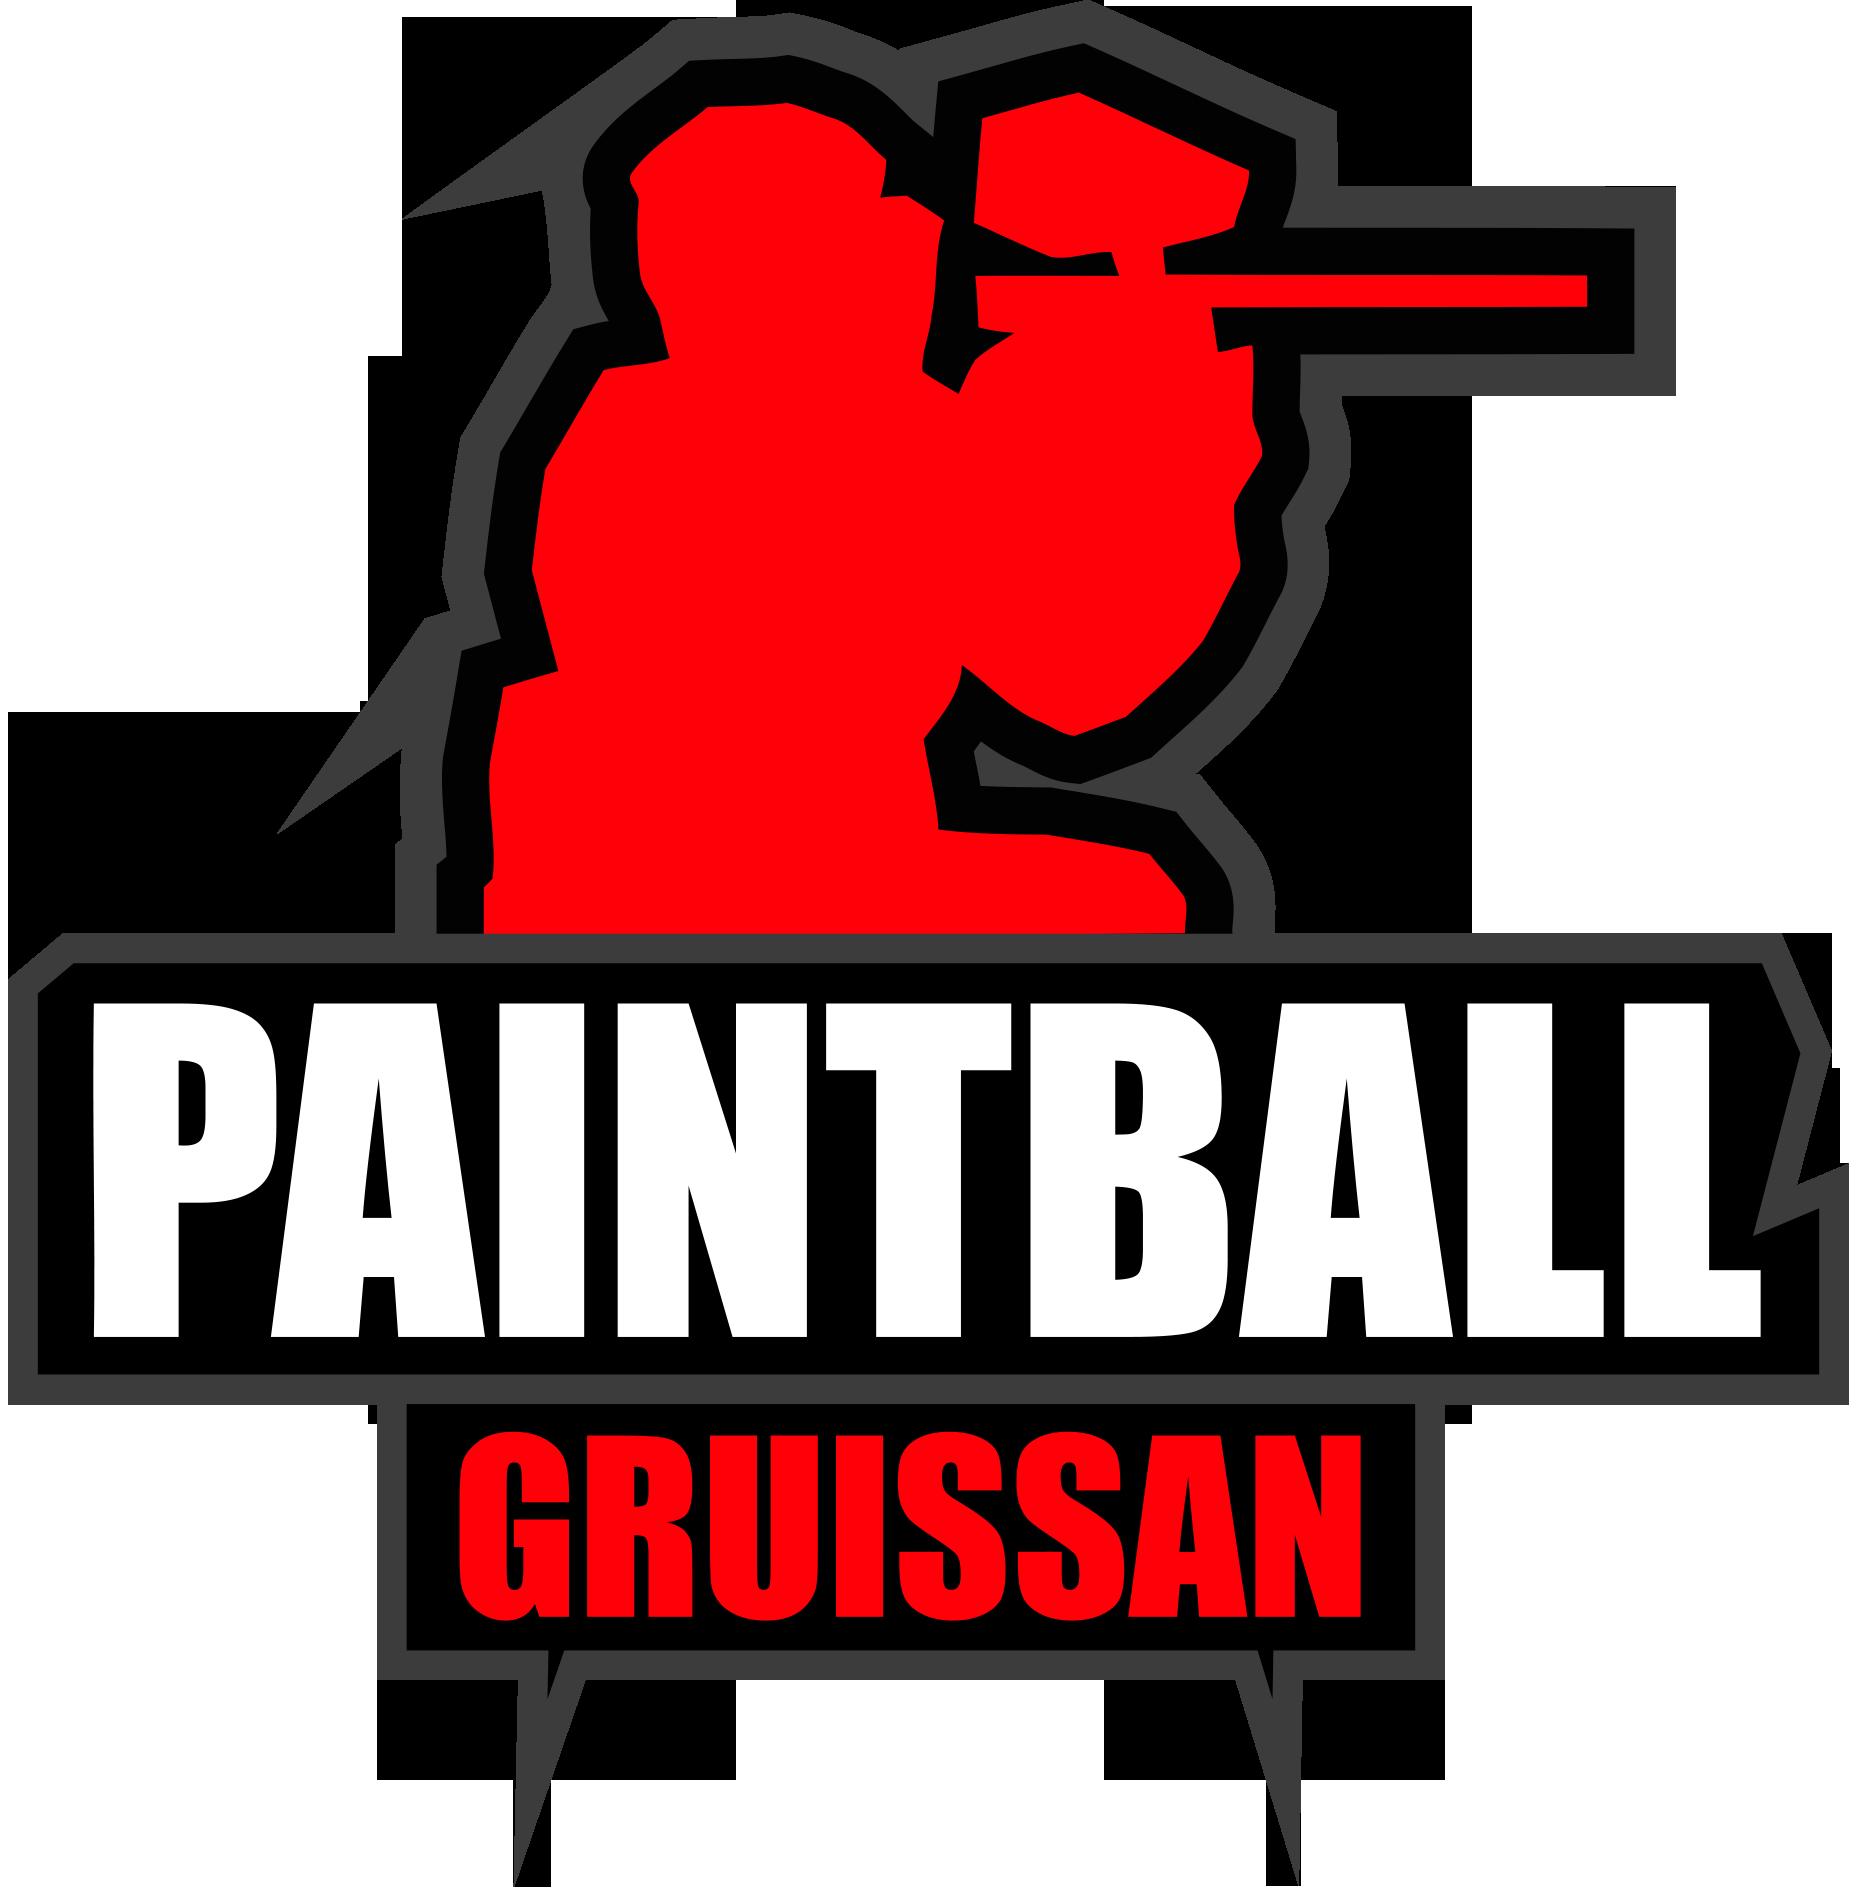 Paintball Gruissan